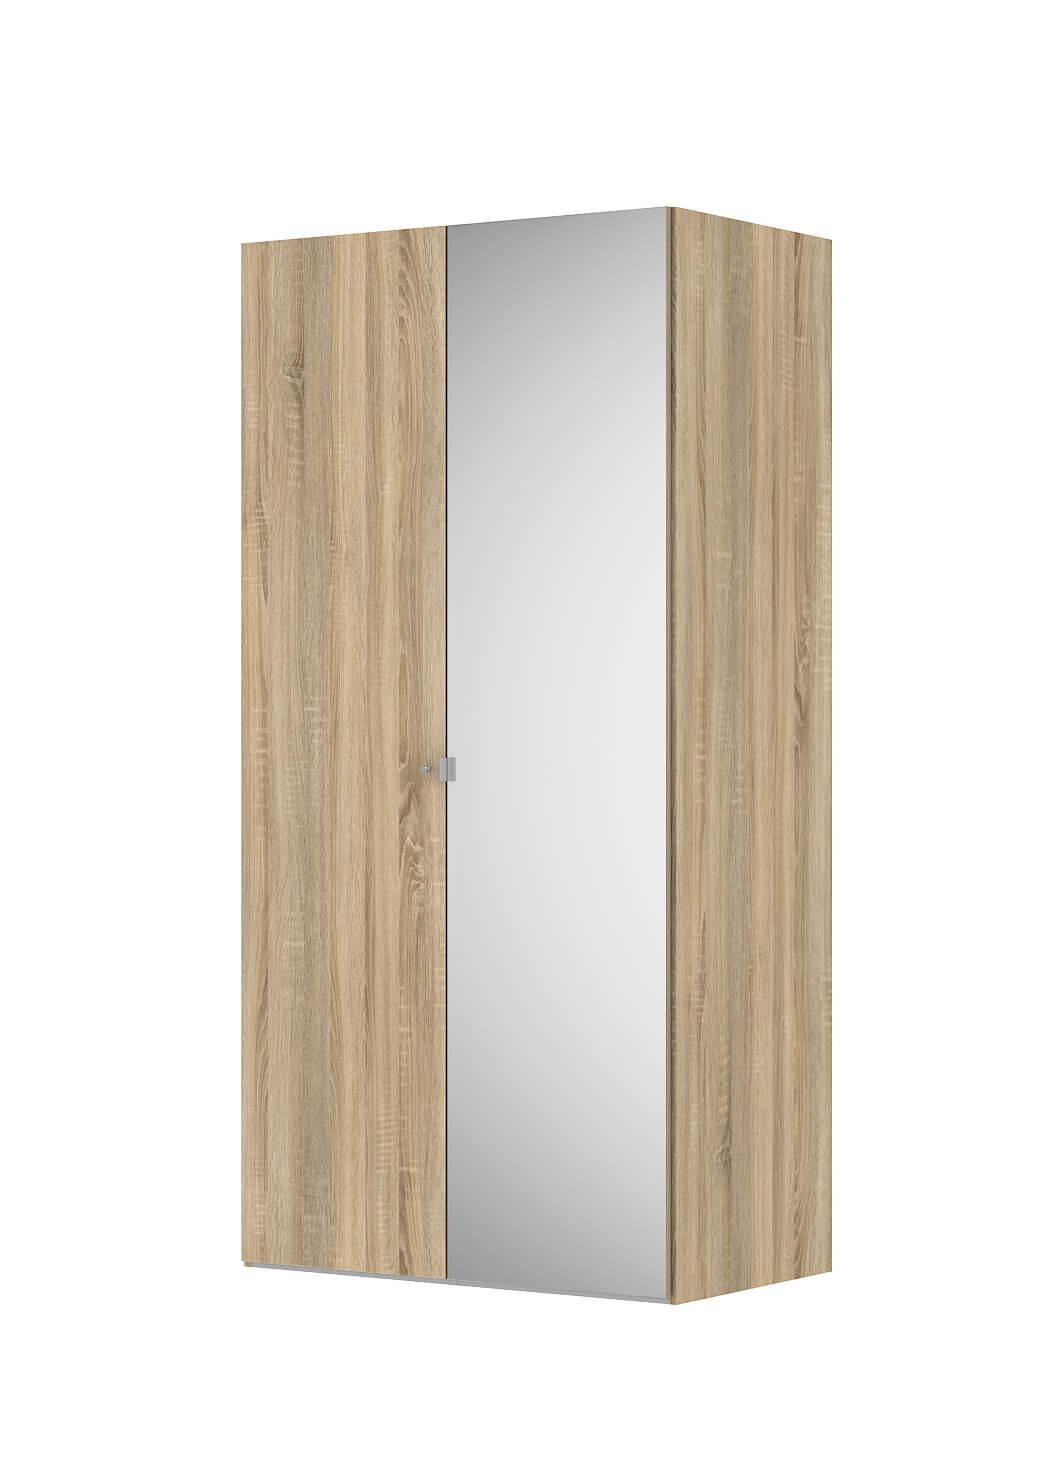 Billede af Save garderobeskab (100 cm) i eg struktur med spejl